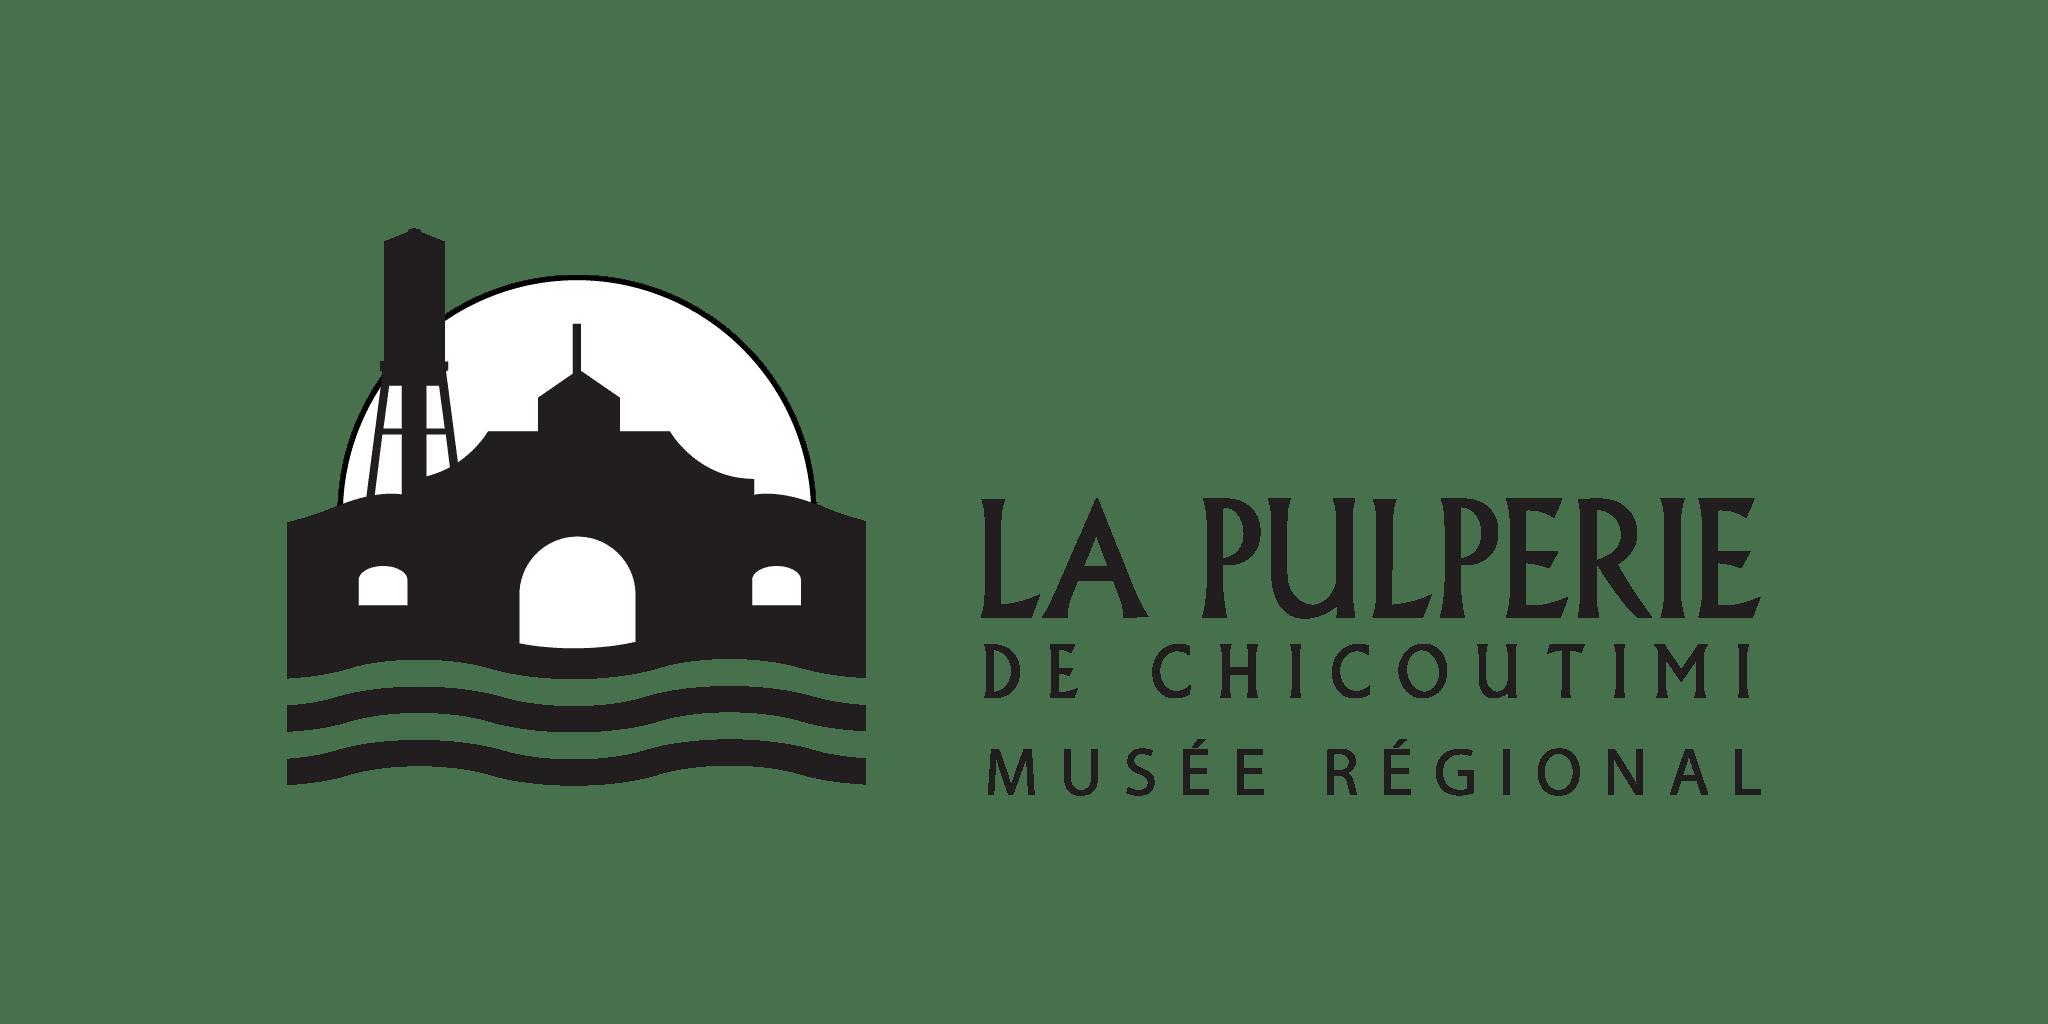 La Pulperie de Chicoutimi